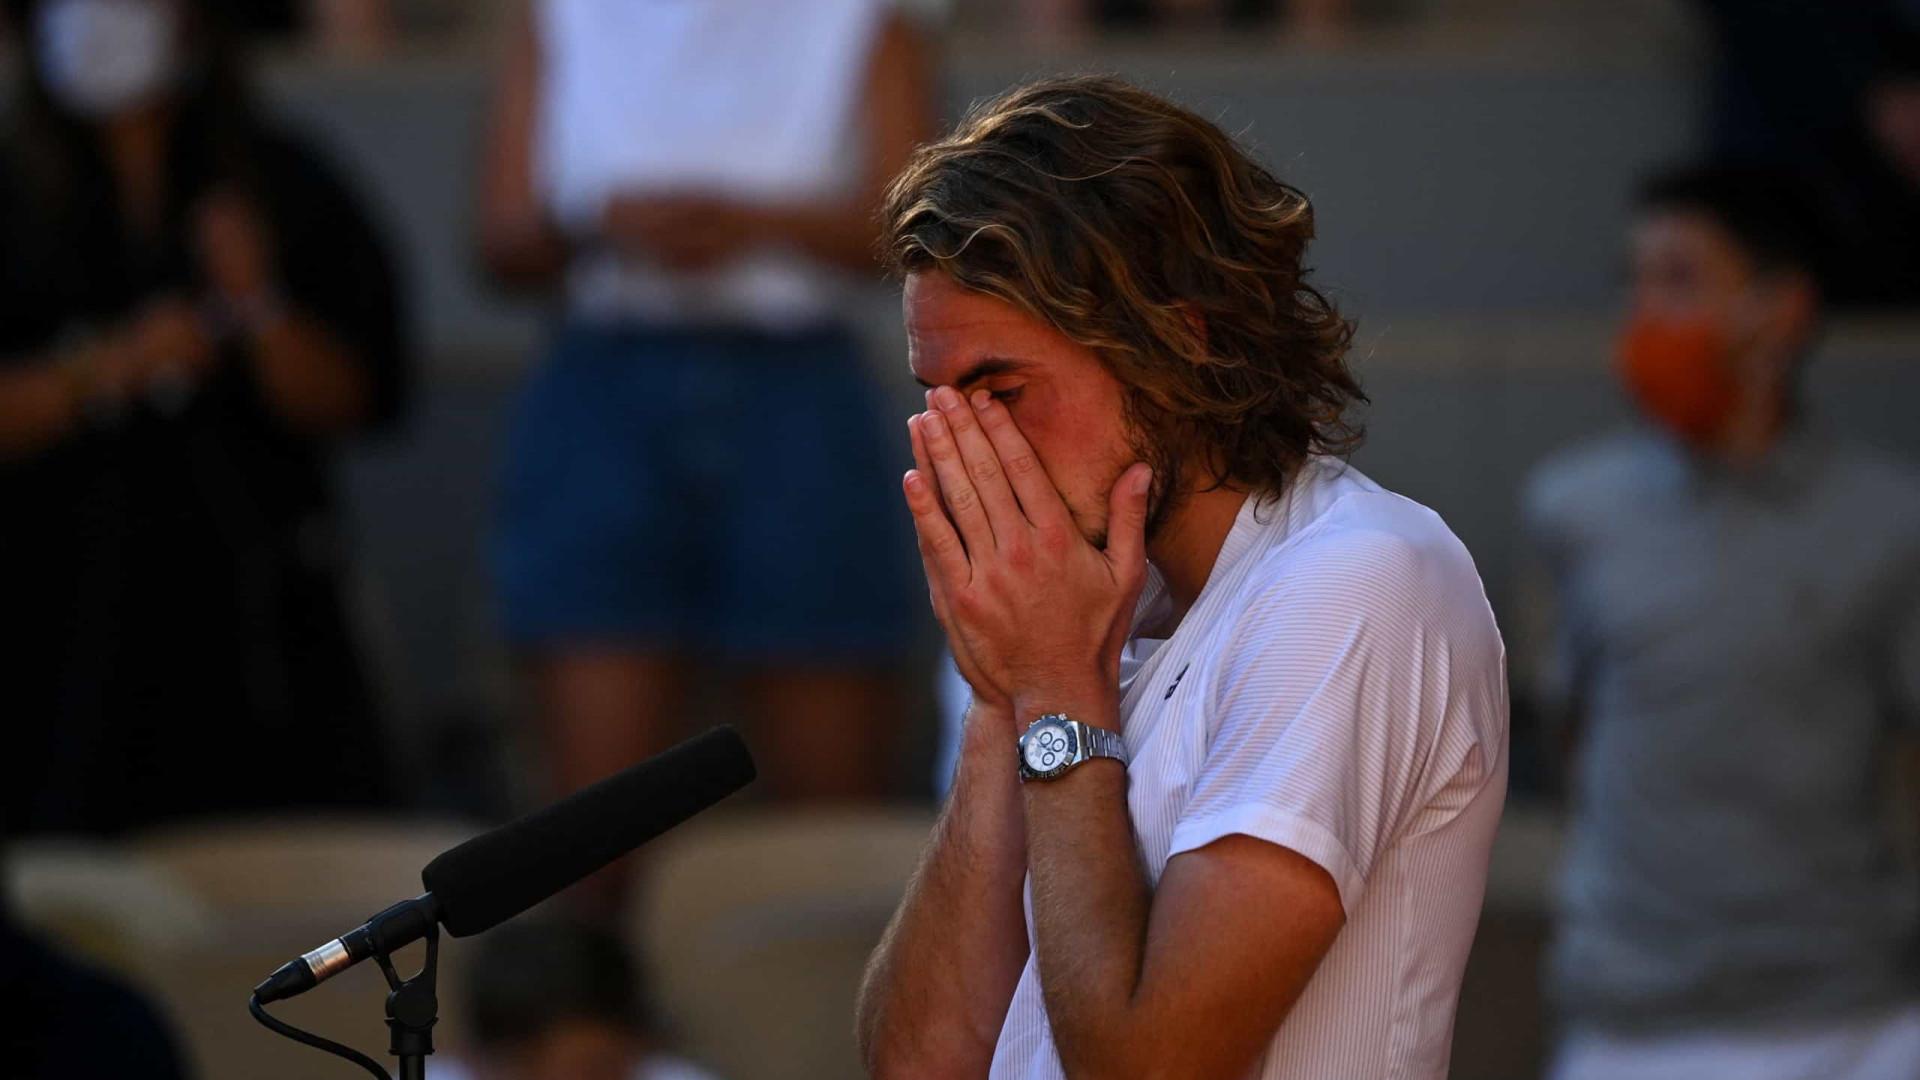 Em grande jogo, Tsitsipas derrota Zverev e vai à final de Roland Garros